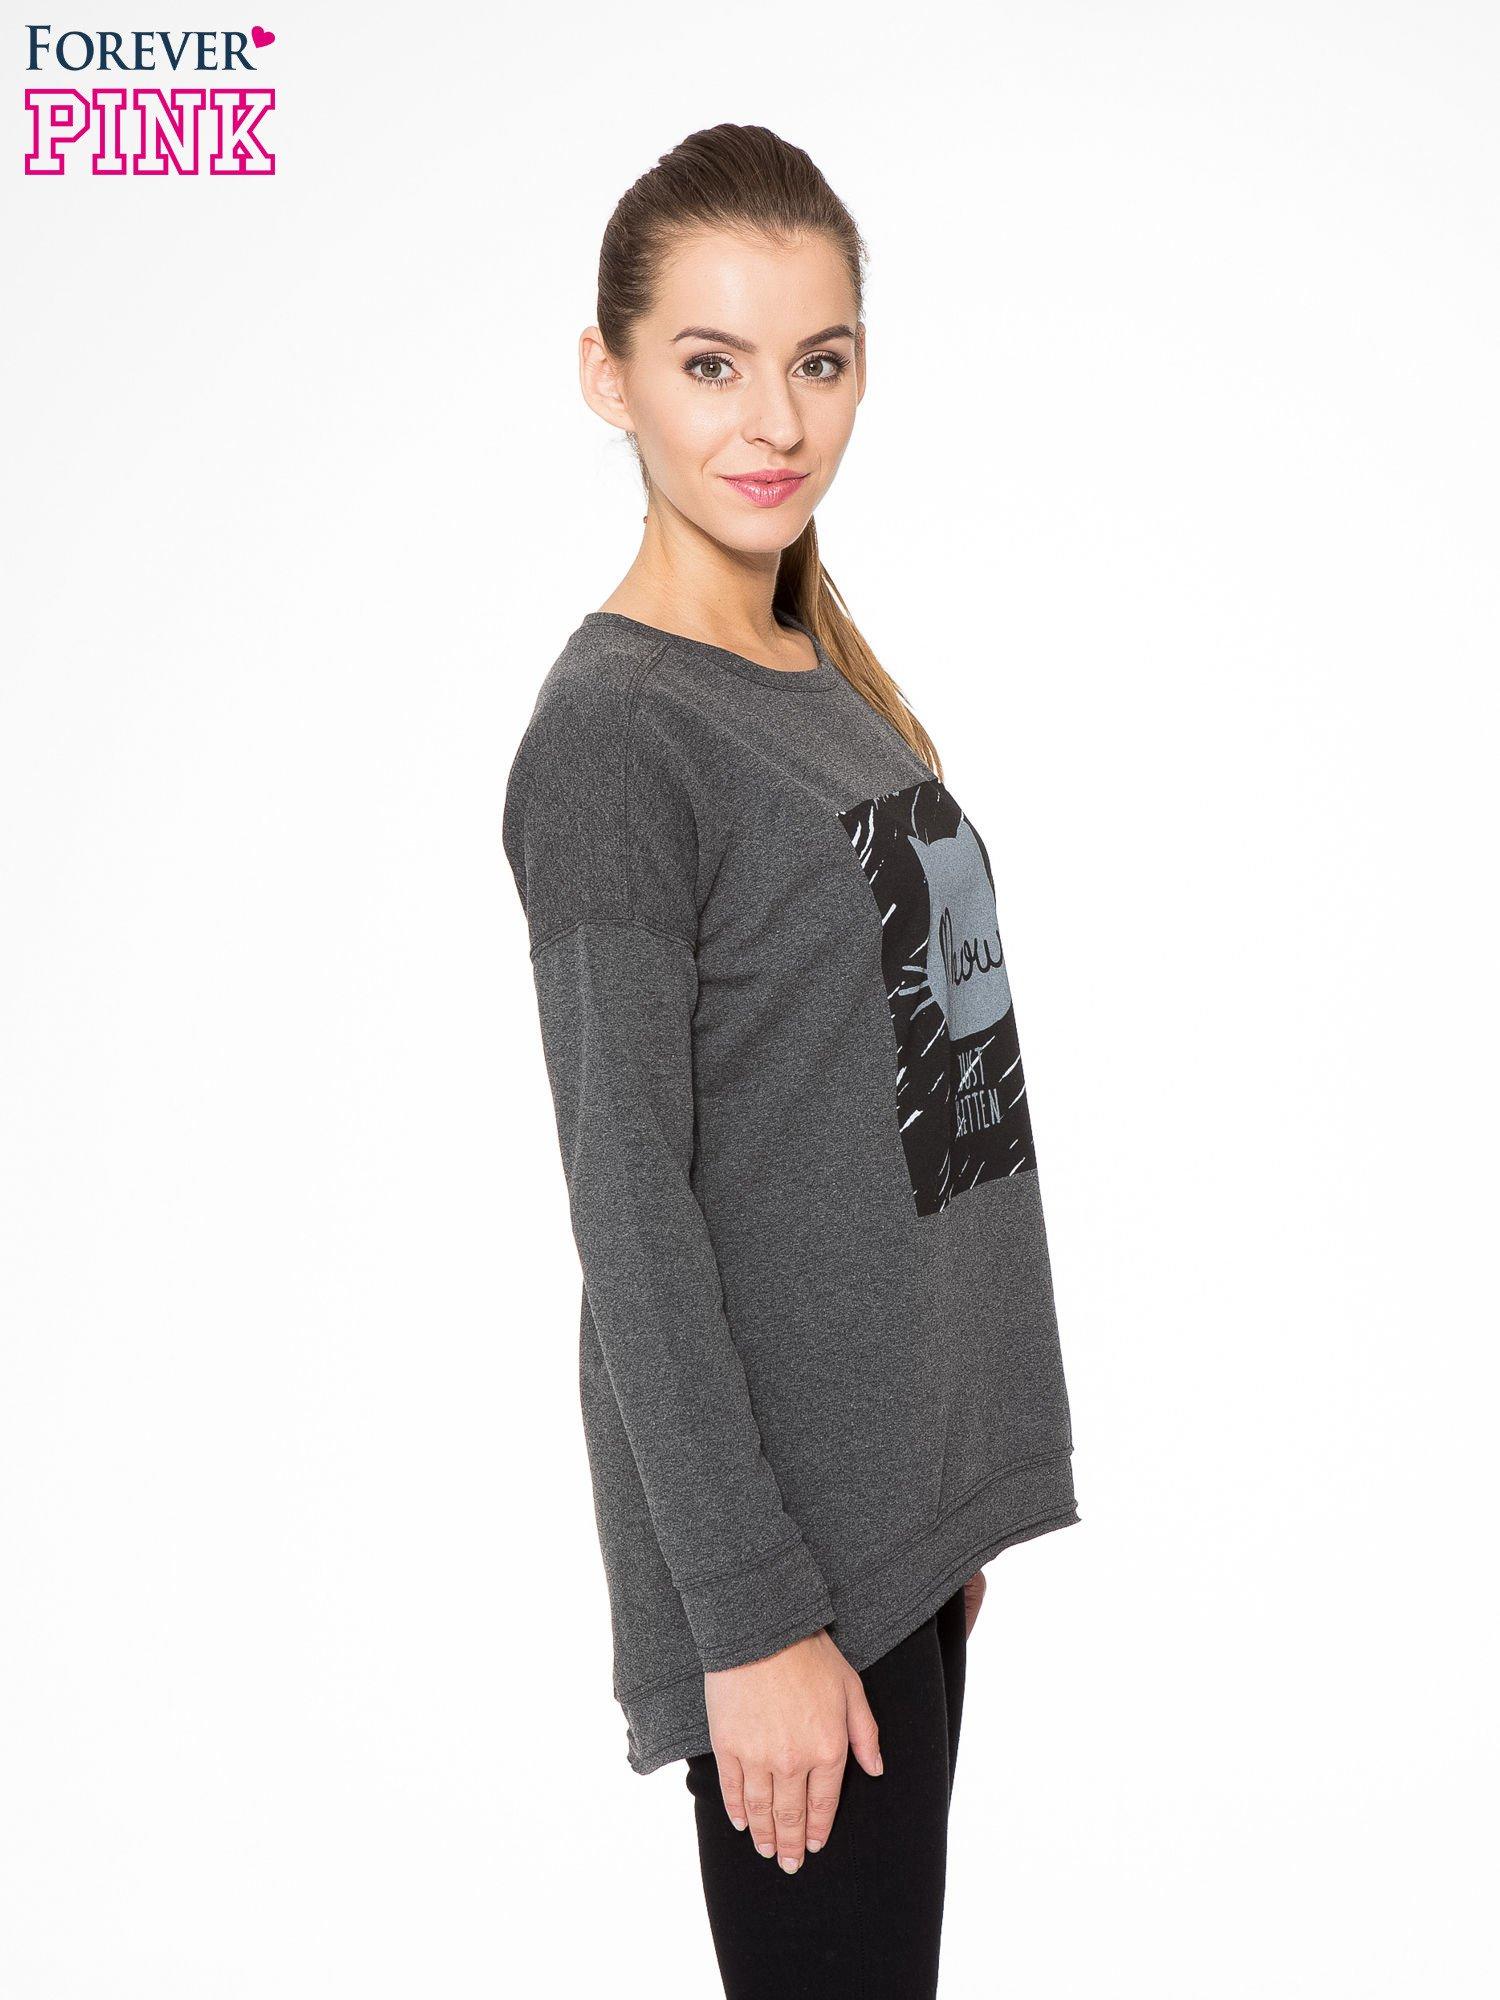 Ciemnoszara bluza z nadrukiem MEOW                                  zdj.                                  3